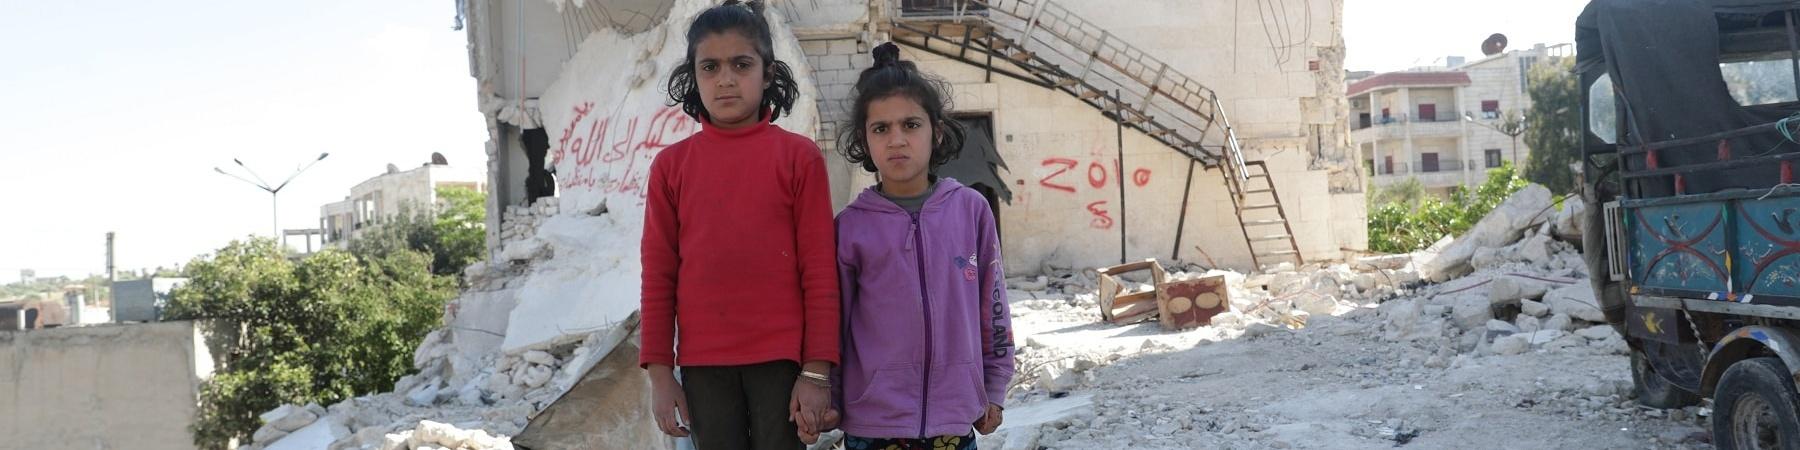 Due bambine siriane in piedi tra le macerie